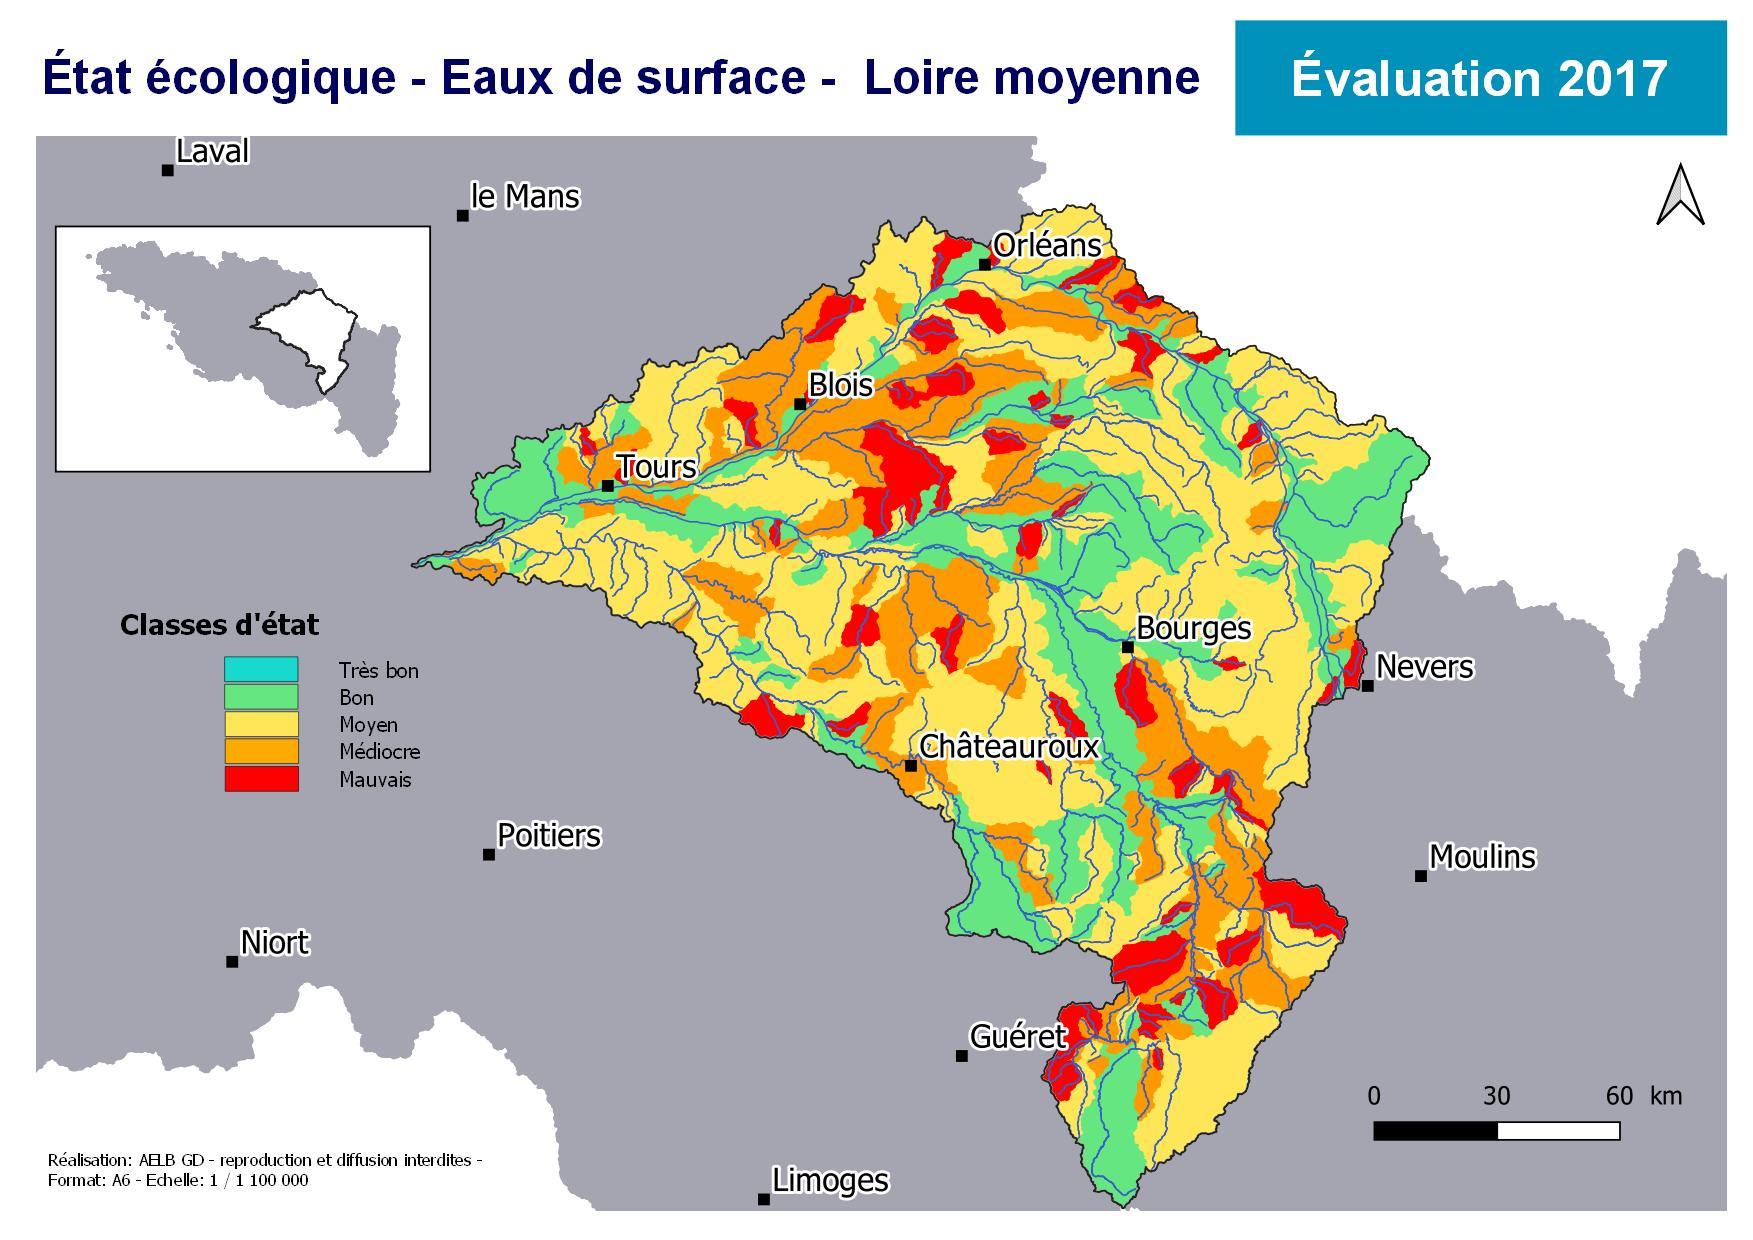 Évaluation 2017 de l'état écologique des eaux de surface en Loire moyenne